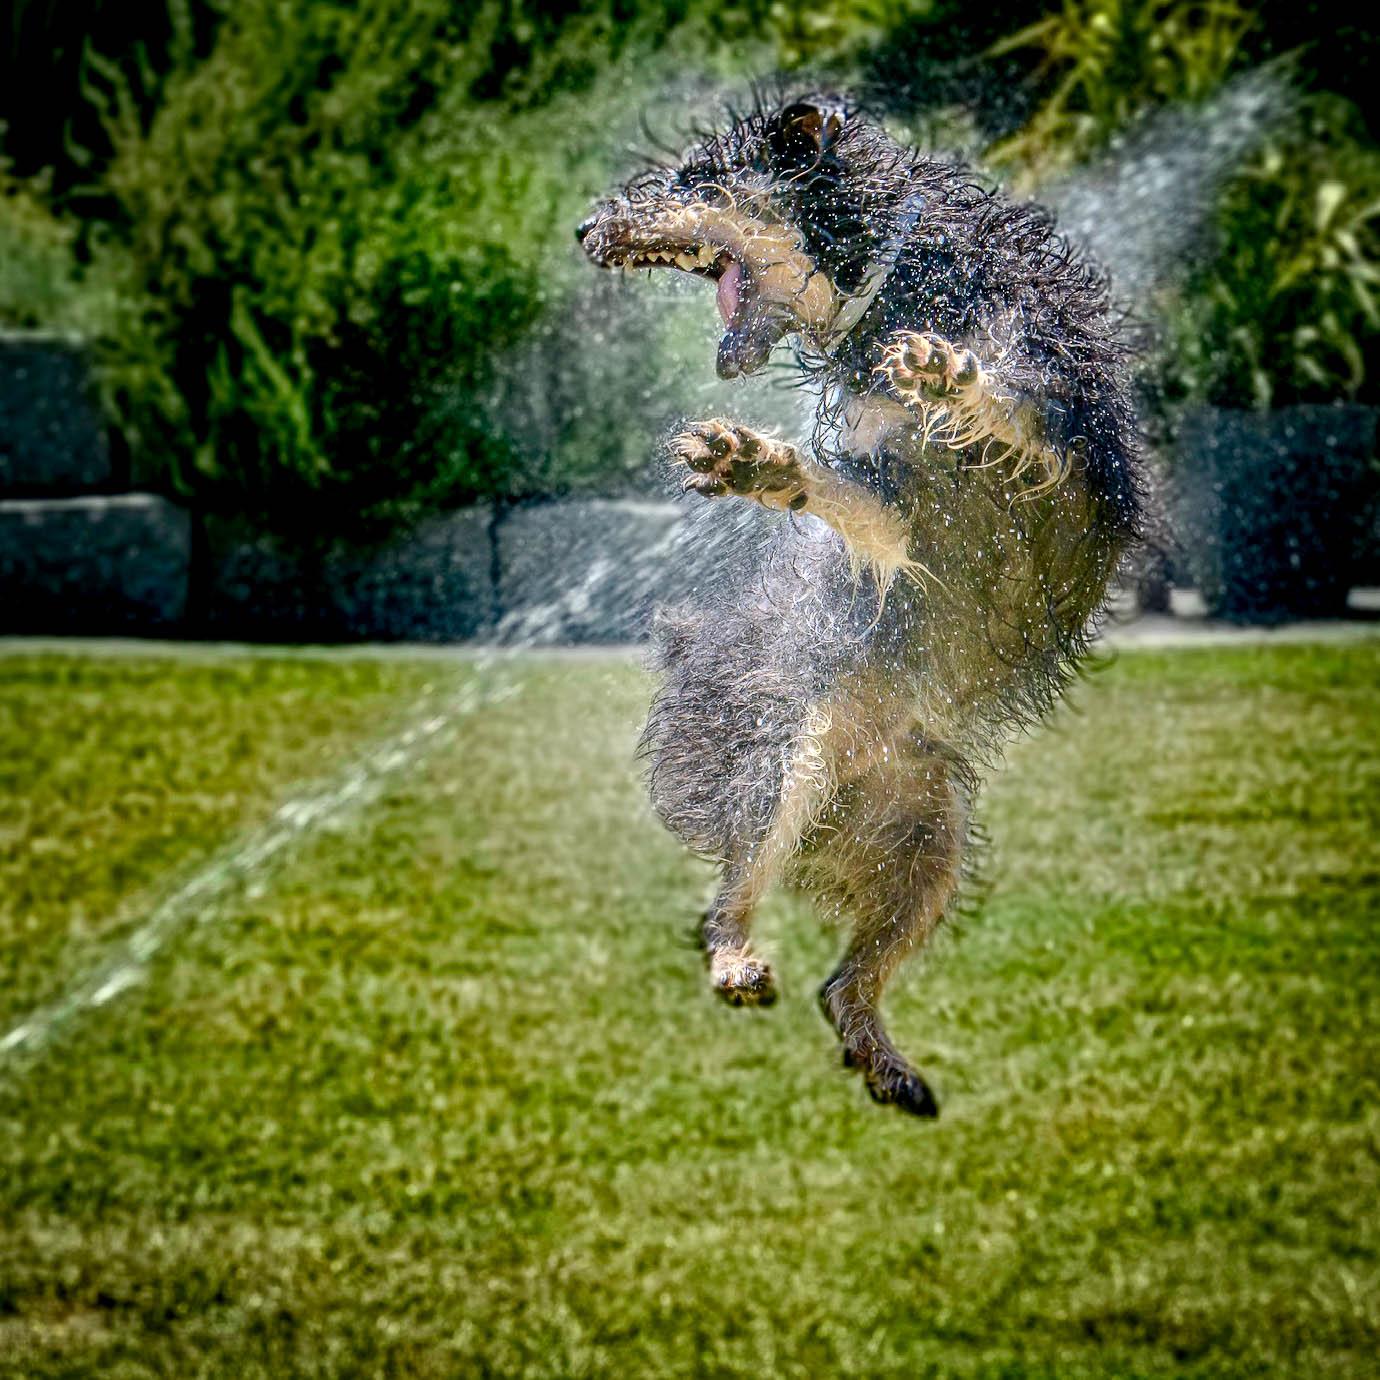 Hund springt hoch und versucht in einen Wasserstrahl zu beissen